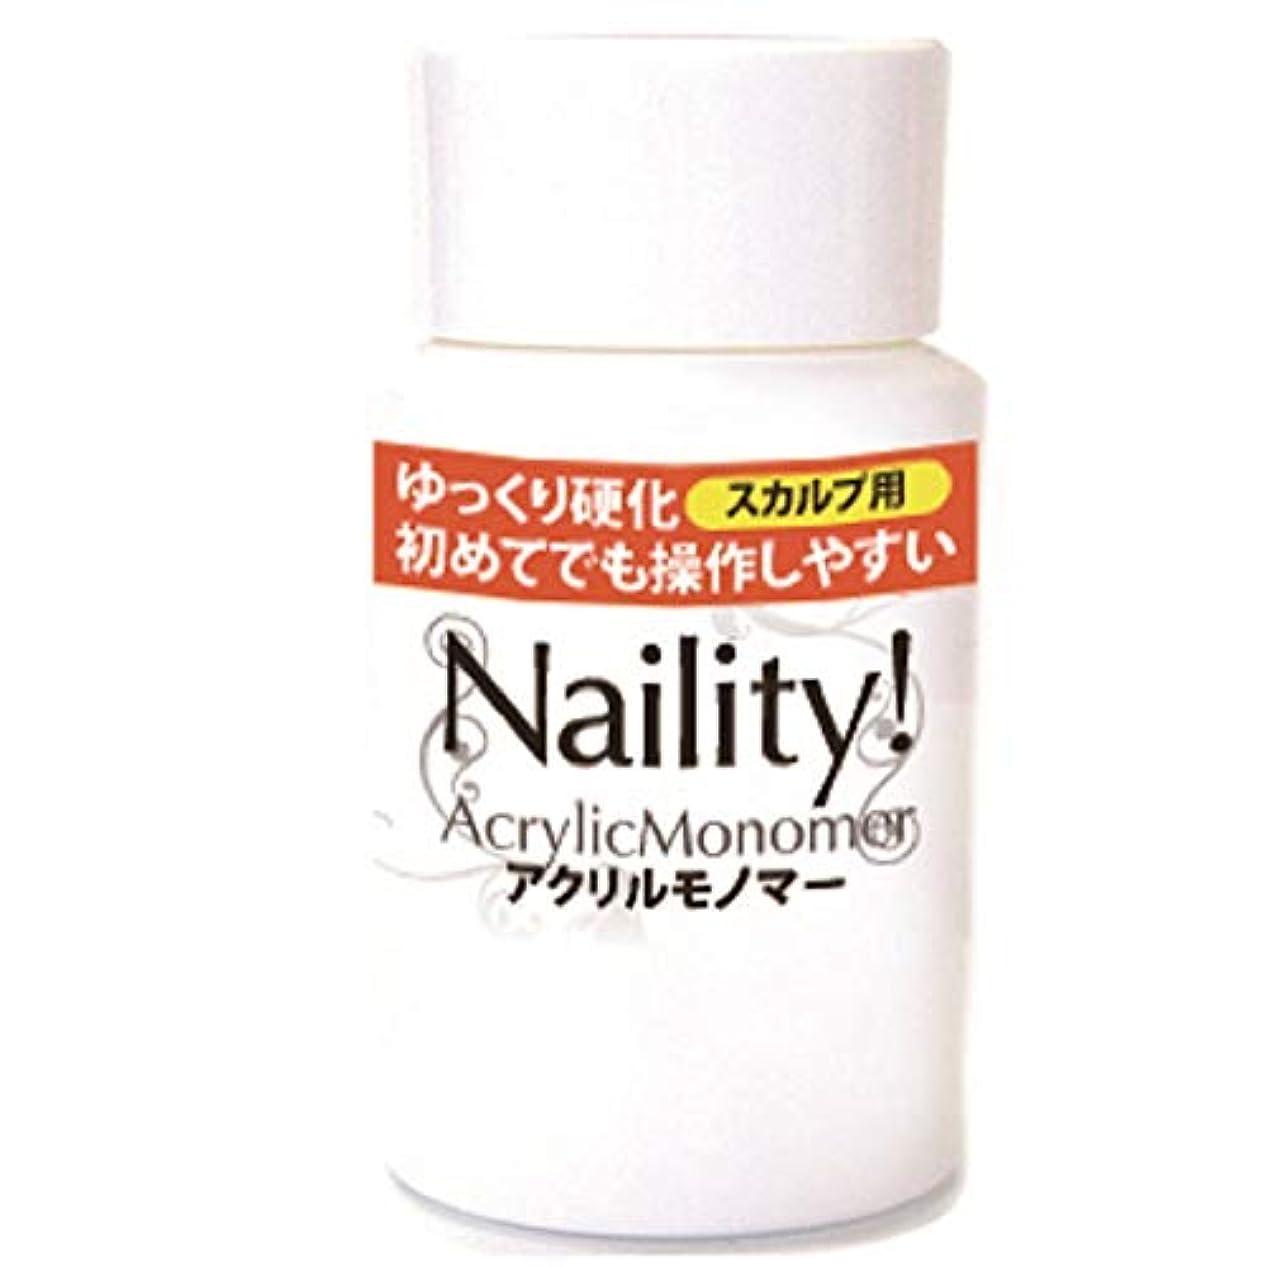 ビデオシャッター円周Naility! アクリルモノマー 50mL